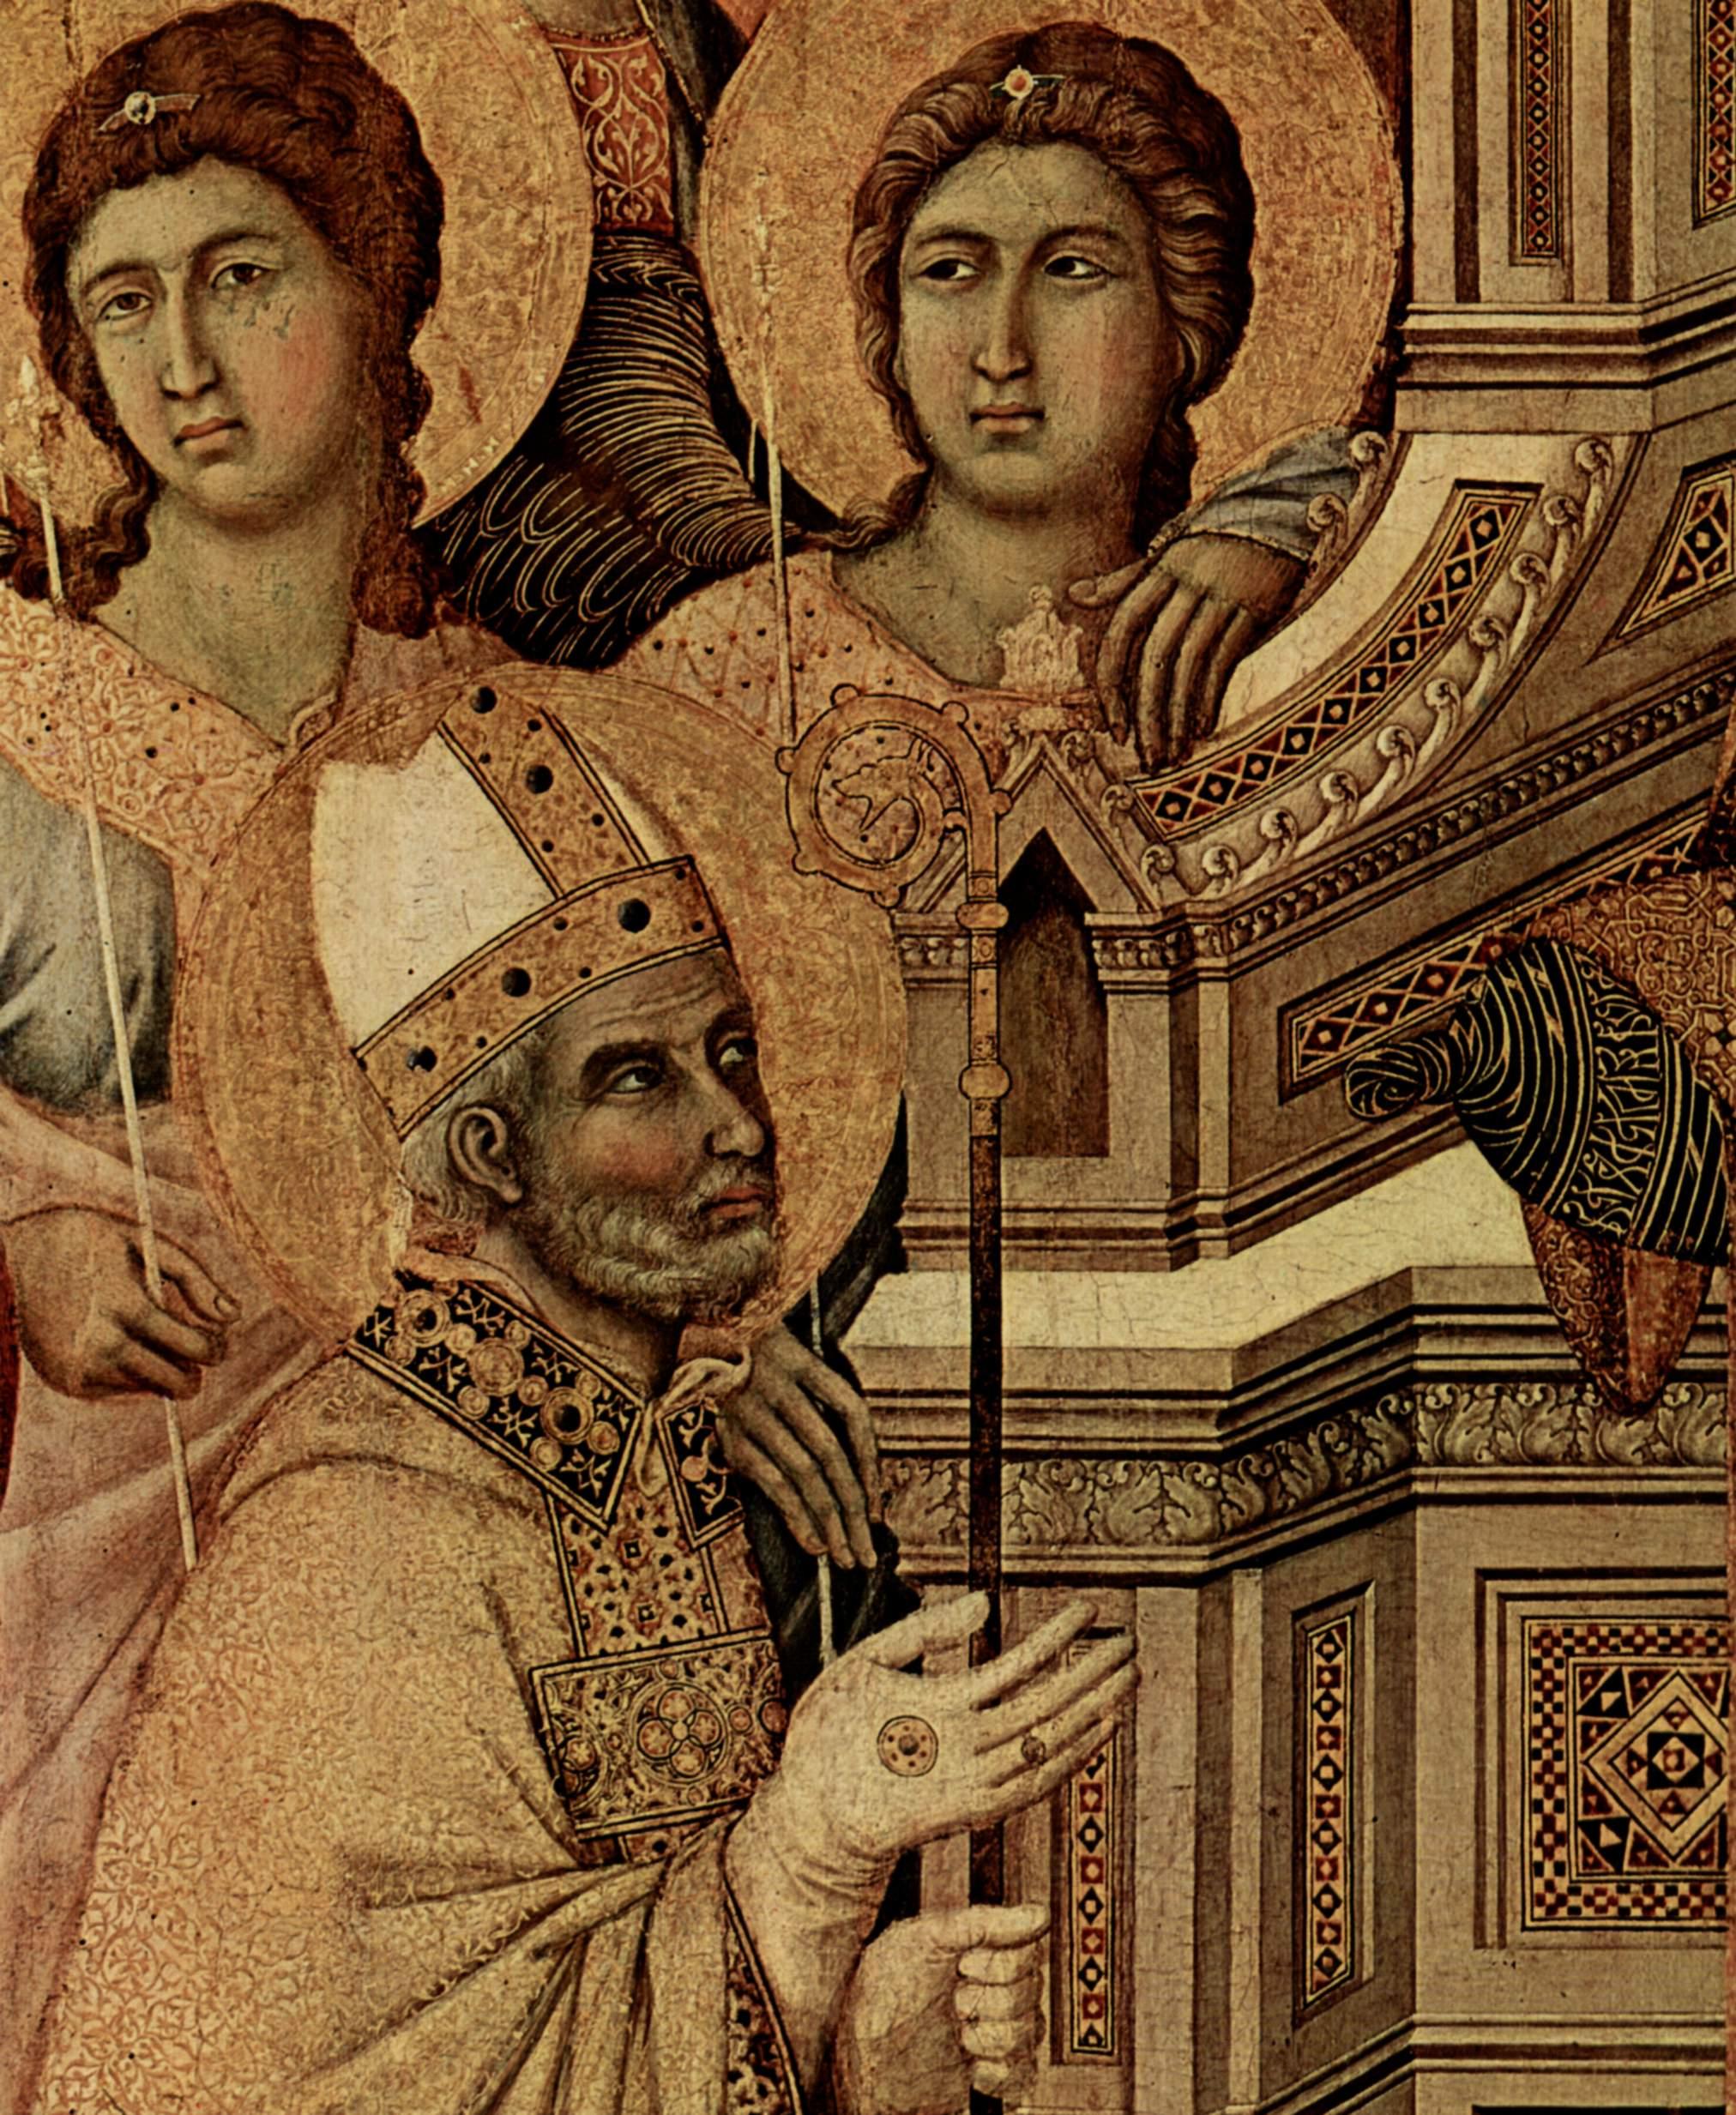 Маэста, алтарь сиенского кафедрального собора, передняя сторона, центральная часть, Мария с младенцем, Дуччо ди Буонинсенья